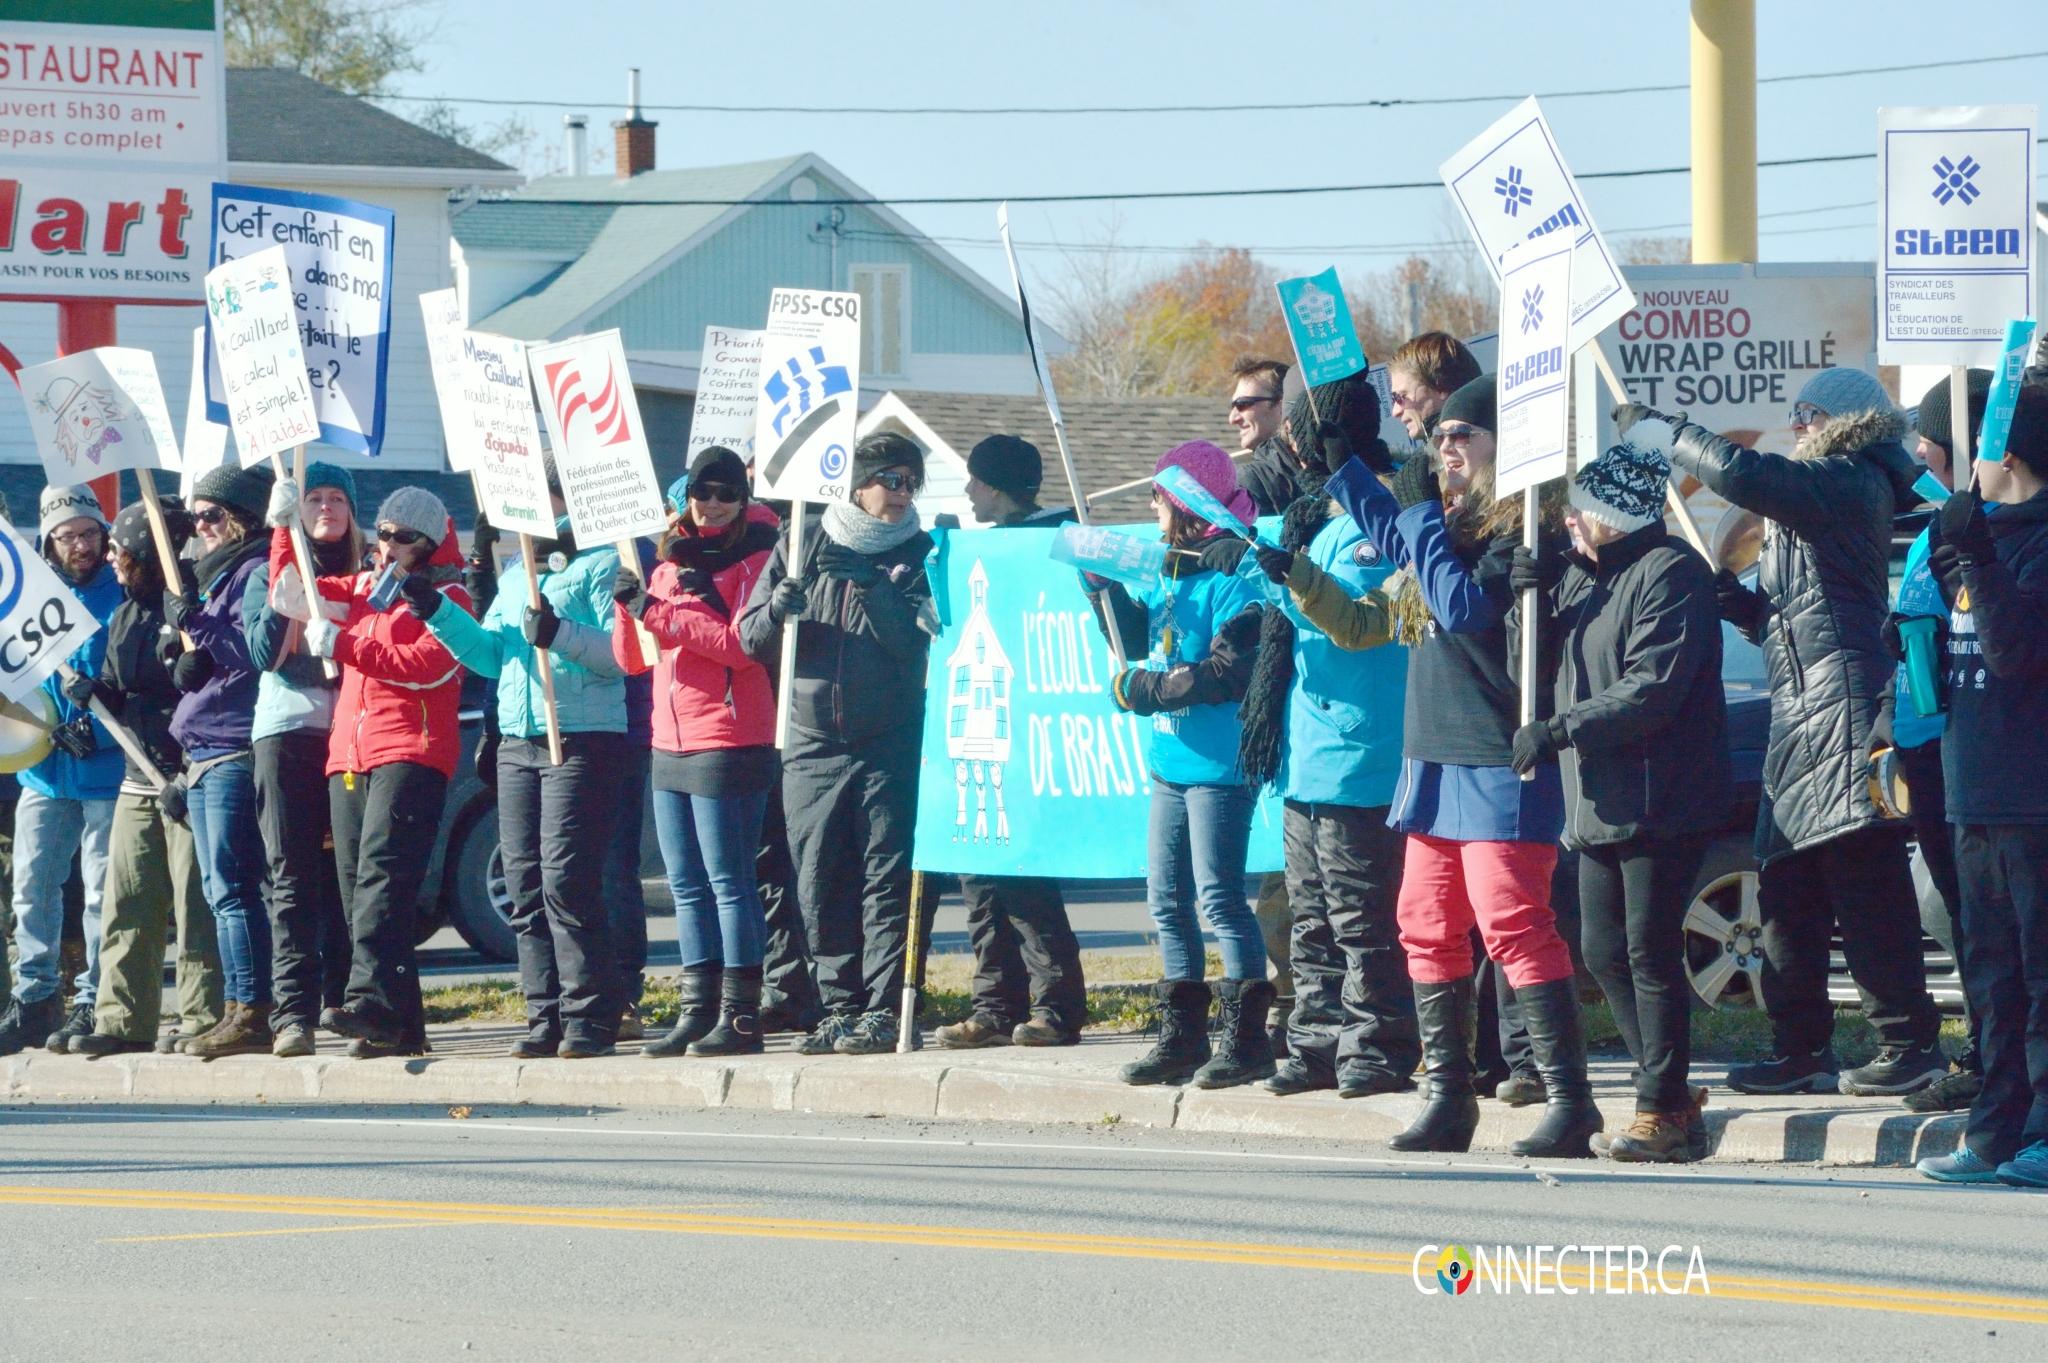 La fonction publique en grève en Gaspésie, photos des professeurs qui font le piquet de grève à Paspébiac!